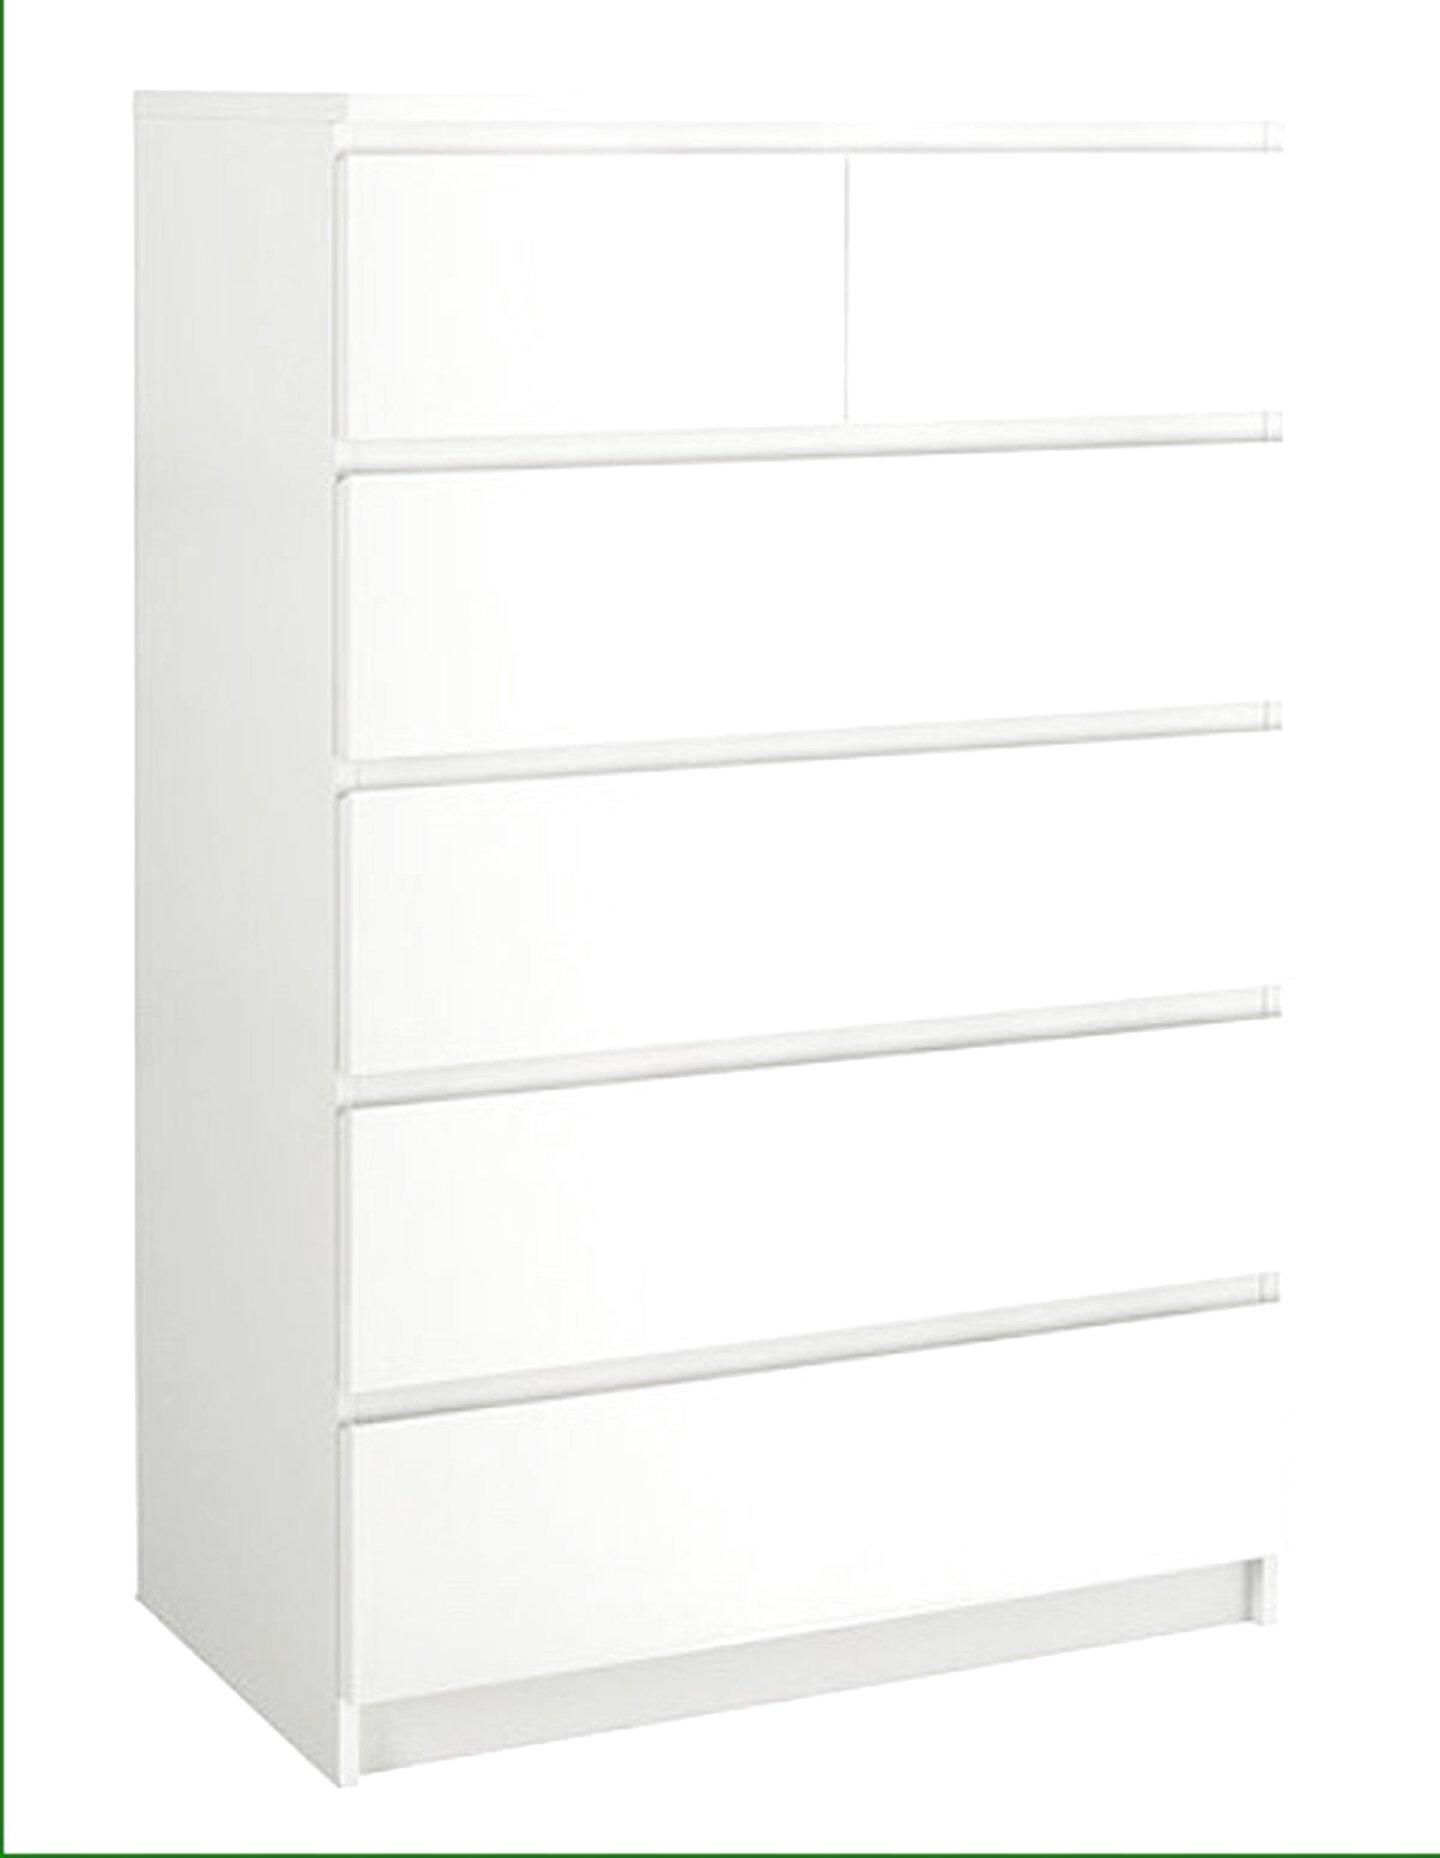 Helmer Cassettiera Con Rotelle Ikea.Cassettiera 6 Cassetti Ikea Usato In Italia Vedi Tutte I 24 Prezzi